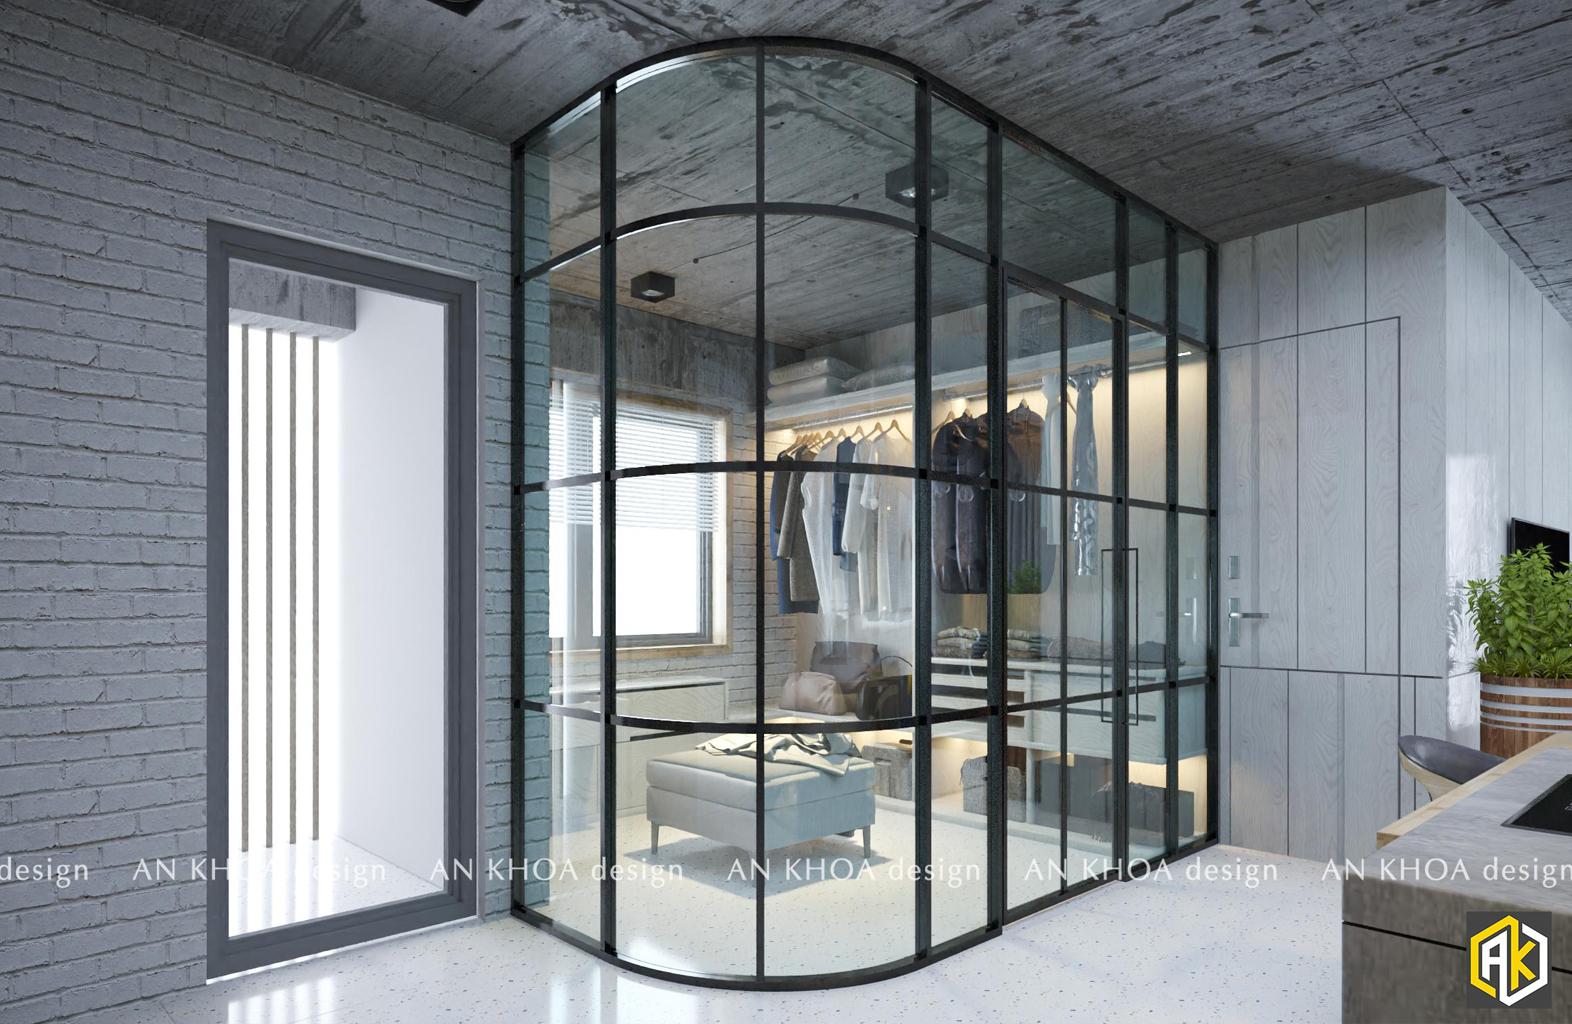 báo giá thiết kế nội thất chung cư 70m2 (4)